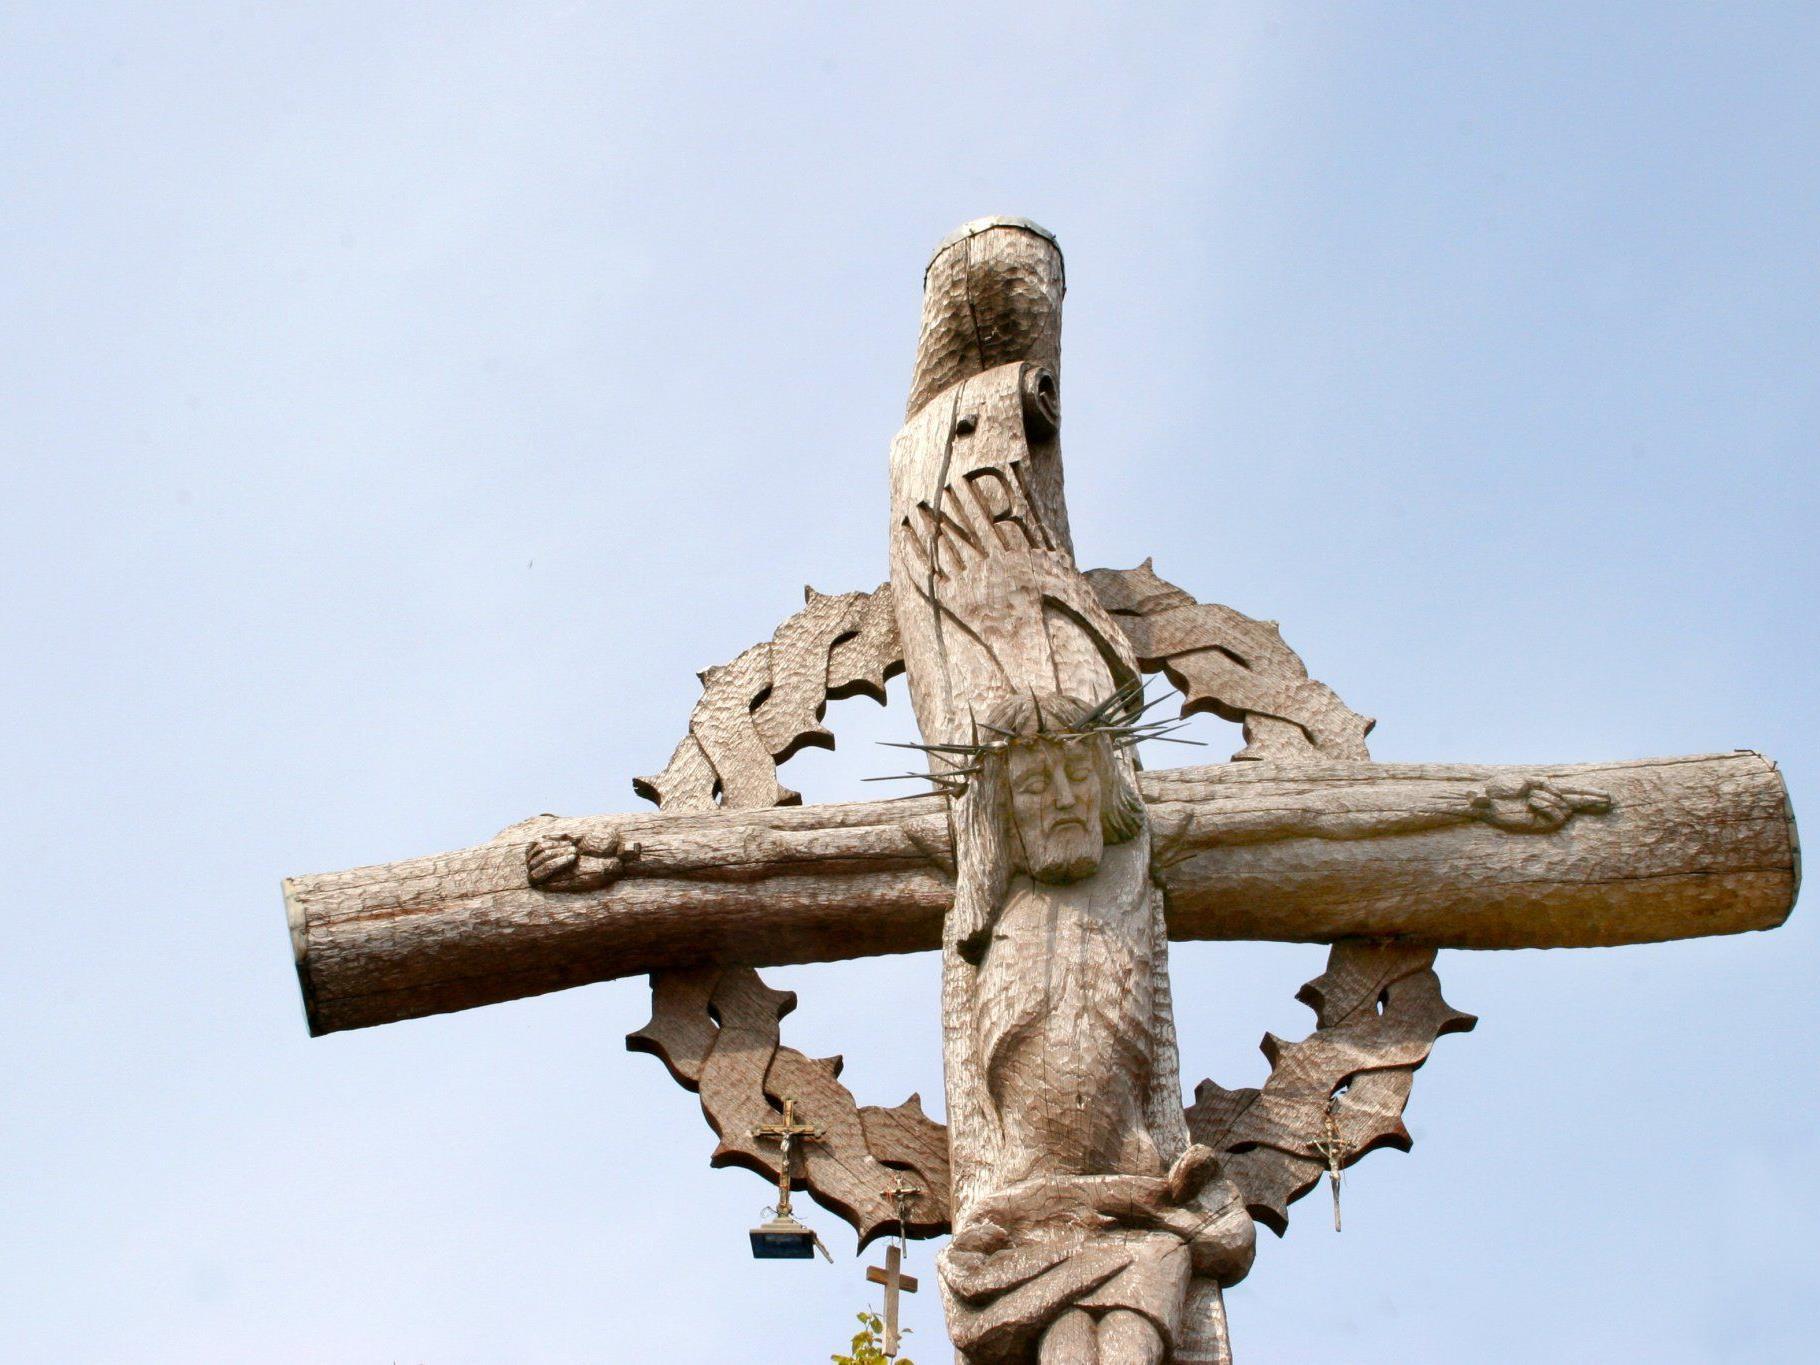 Der Pfarrer von Stützenhofen verzichtet eher auf sein Amt, als einen schwulen Pfarrgemeinderat zu akzeptieren